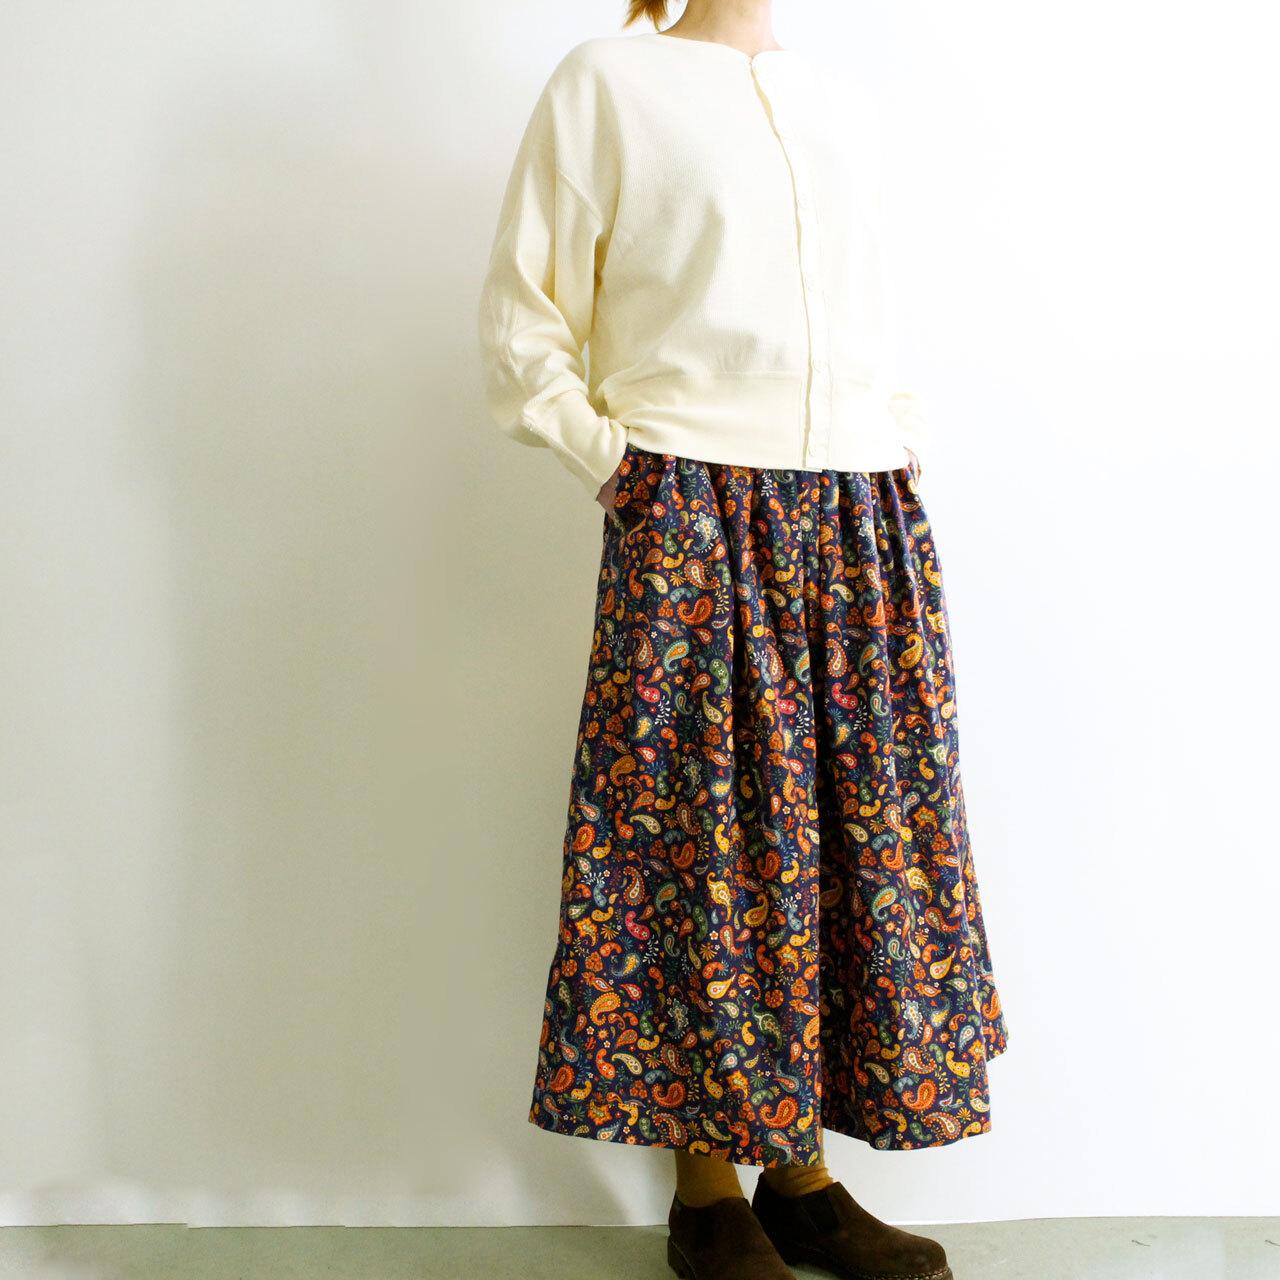 TINKERS ティンカーズ オリジナルプリント ギャザースカート